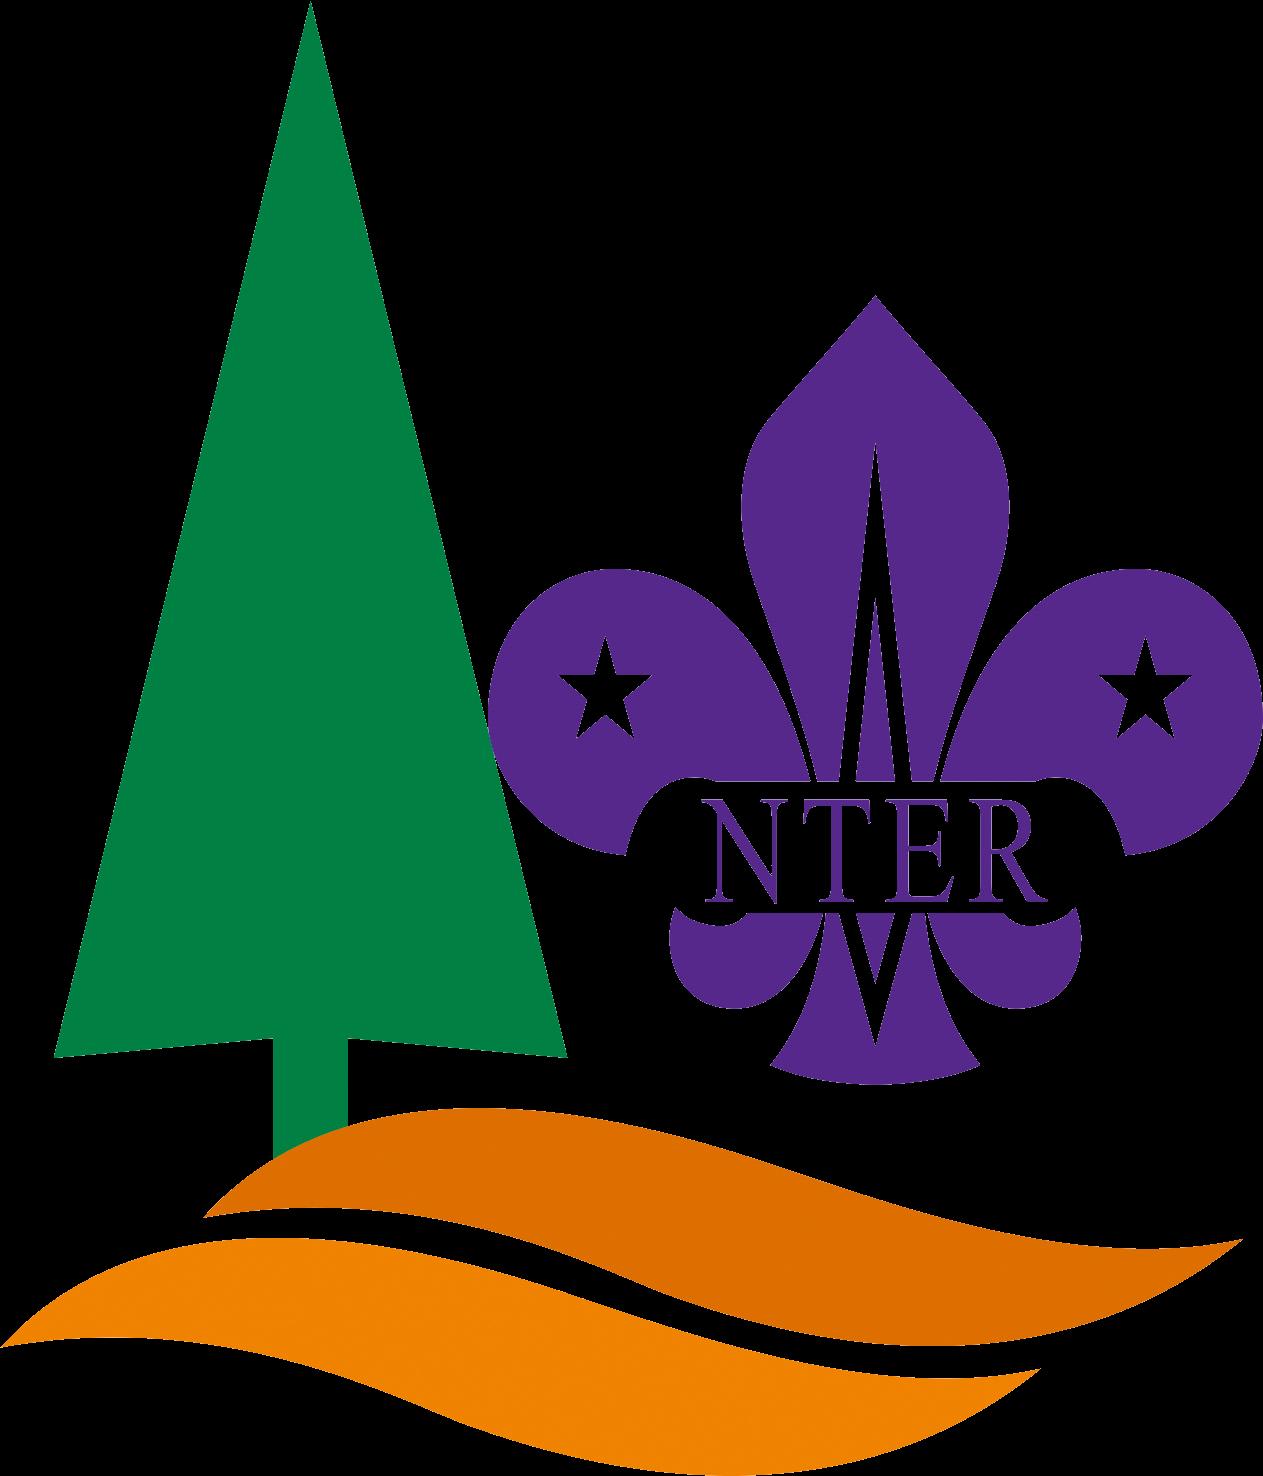 新界東地域徽